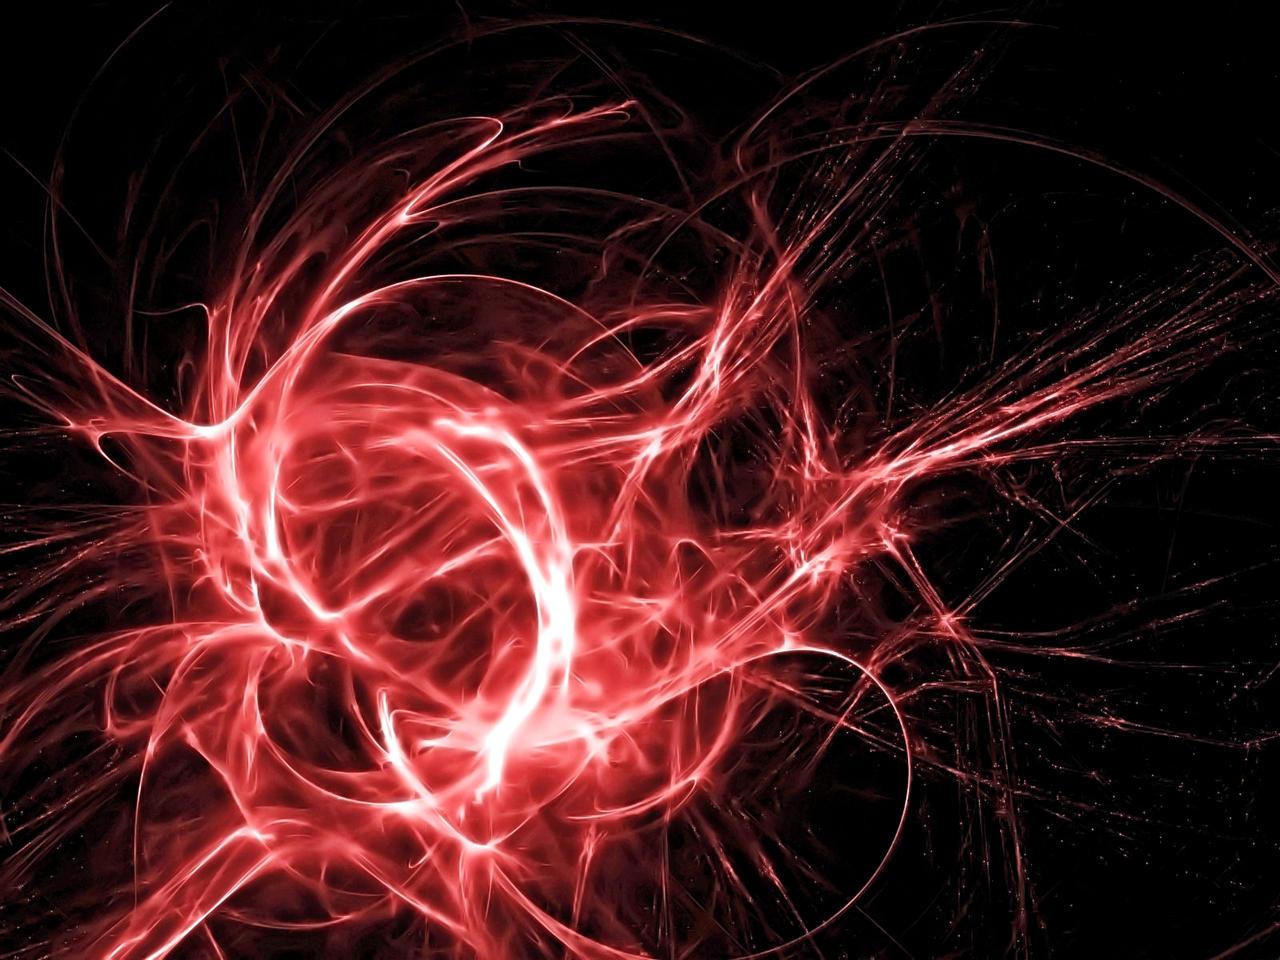 Bloody Fractal by XxR3zD3ViLxX